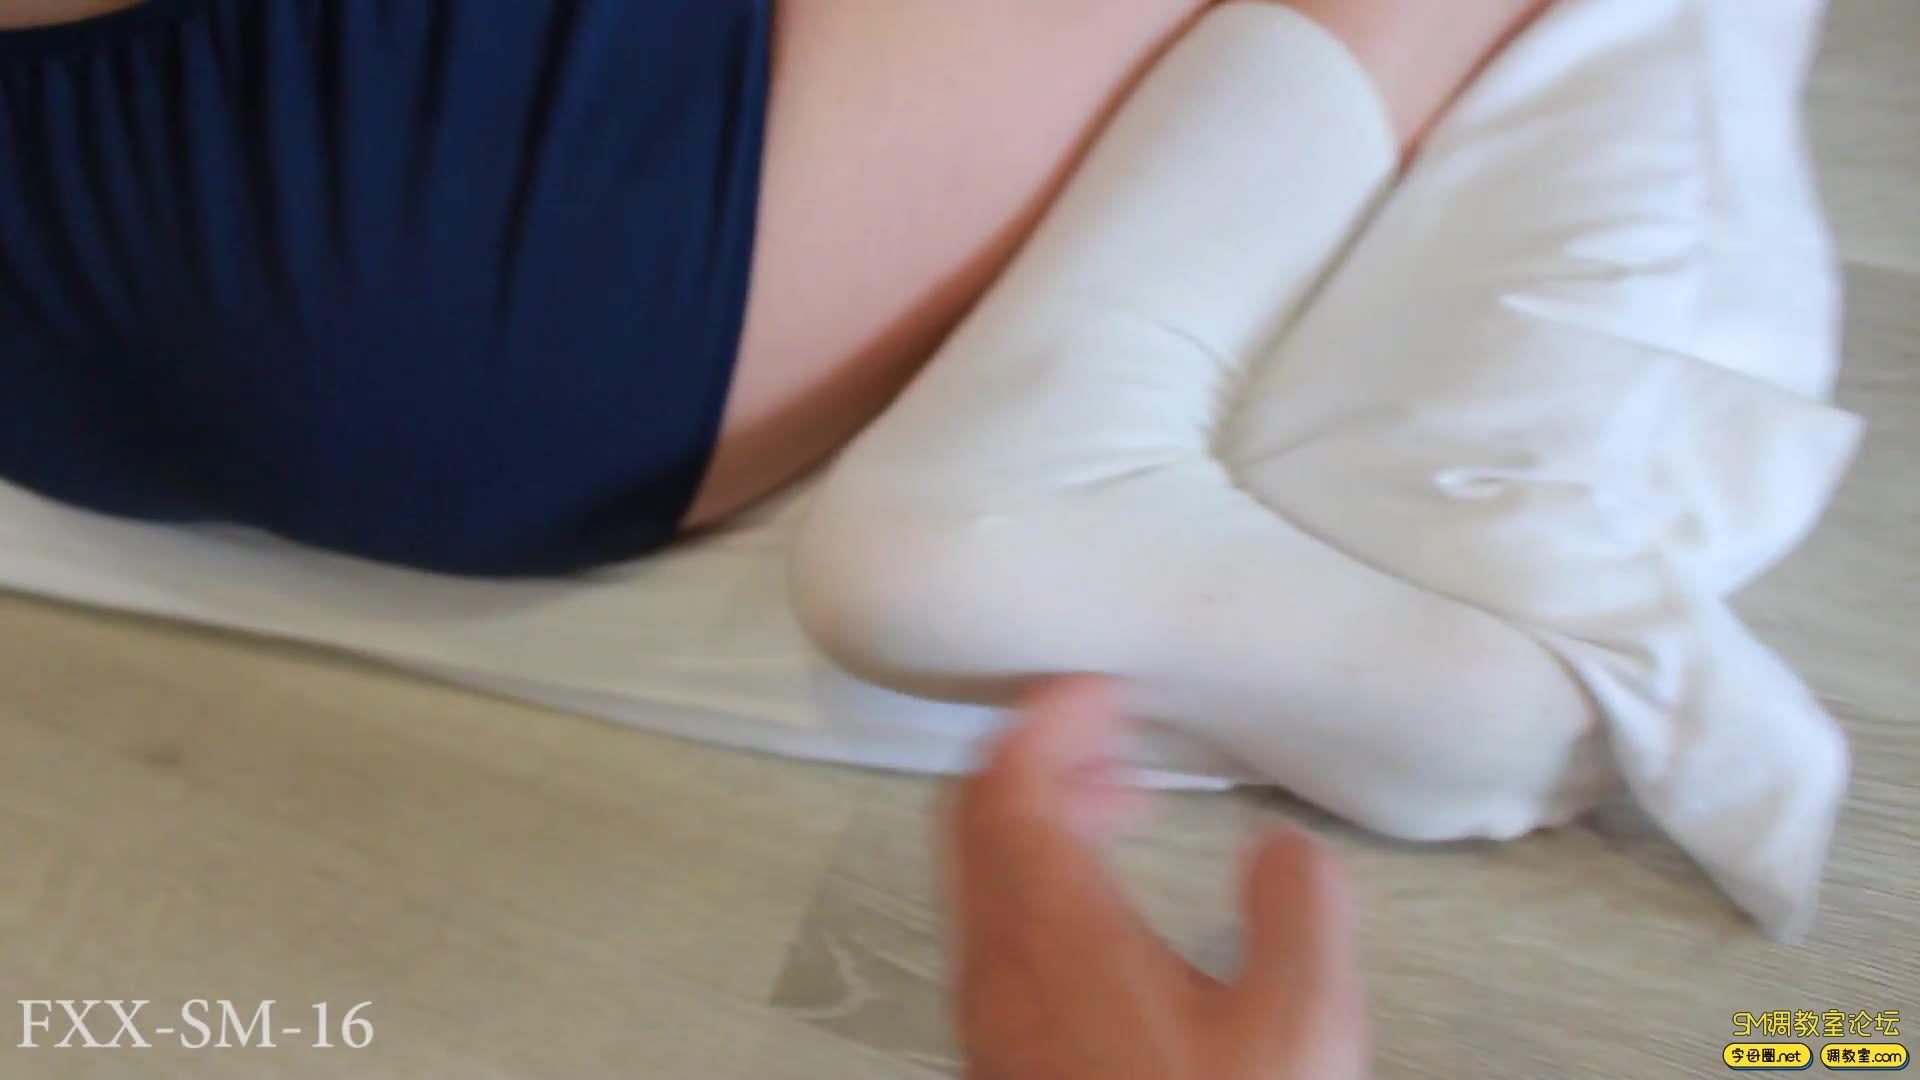 【FXX】最强电击器 体操服股绳捆绑调教-视频截图1